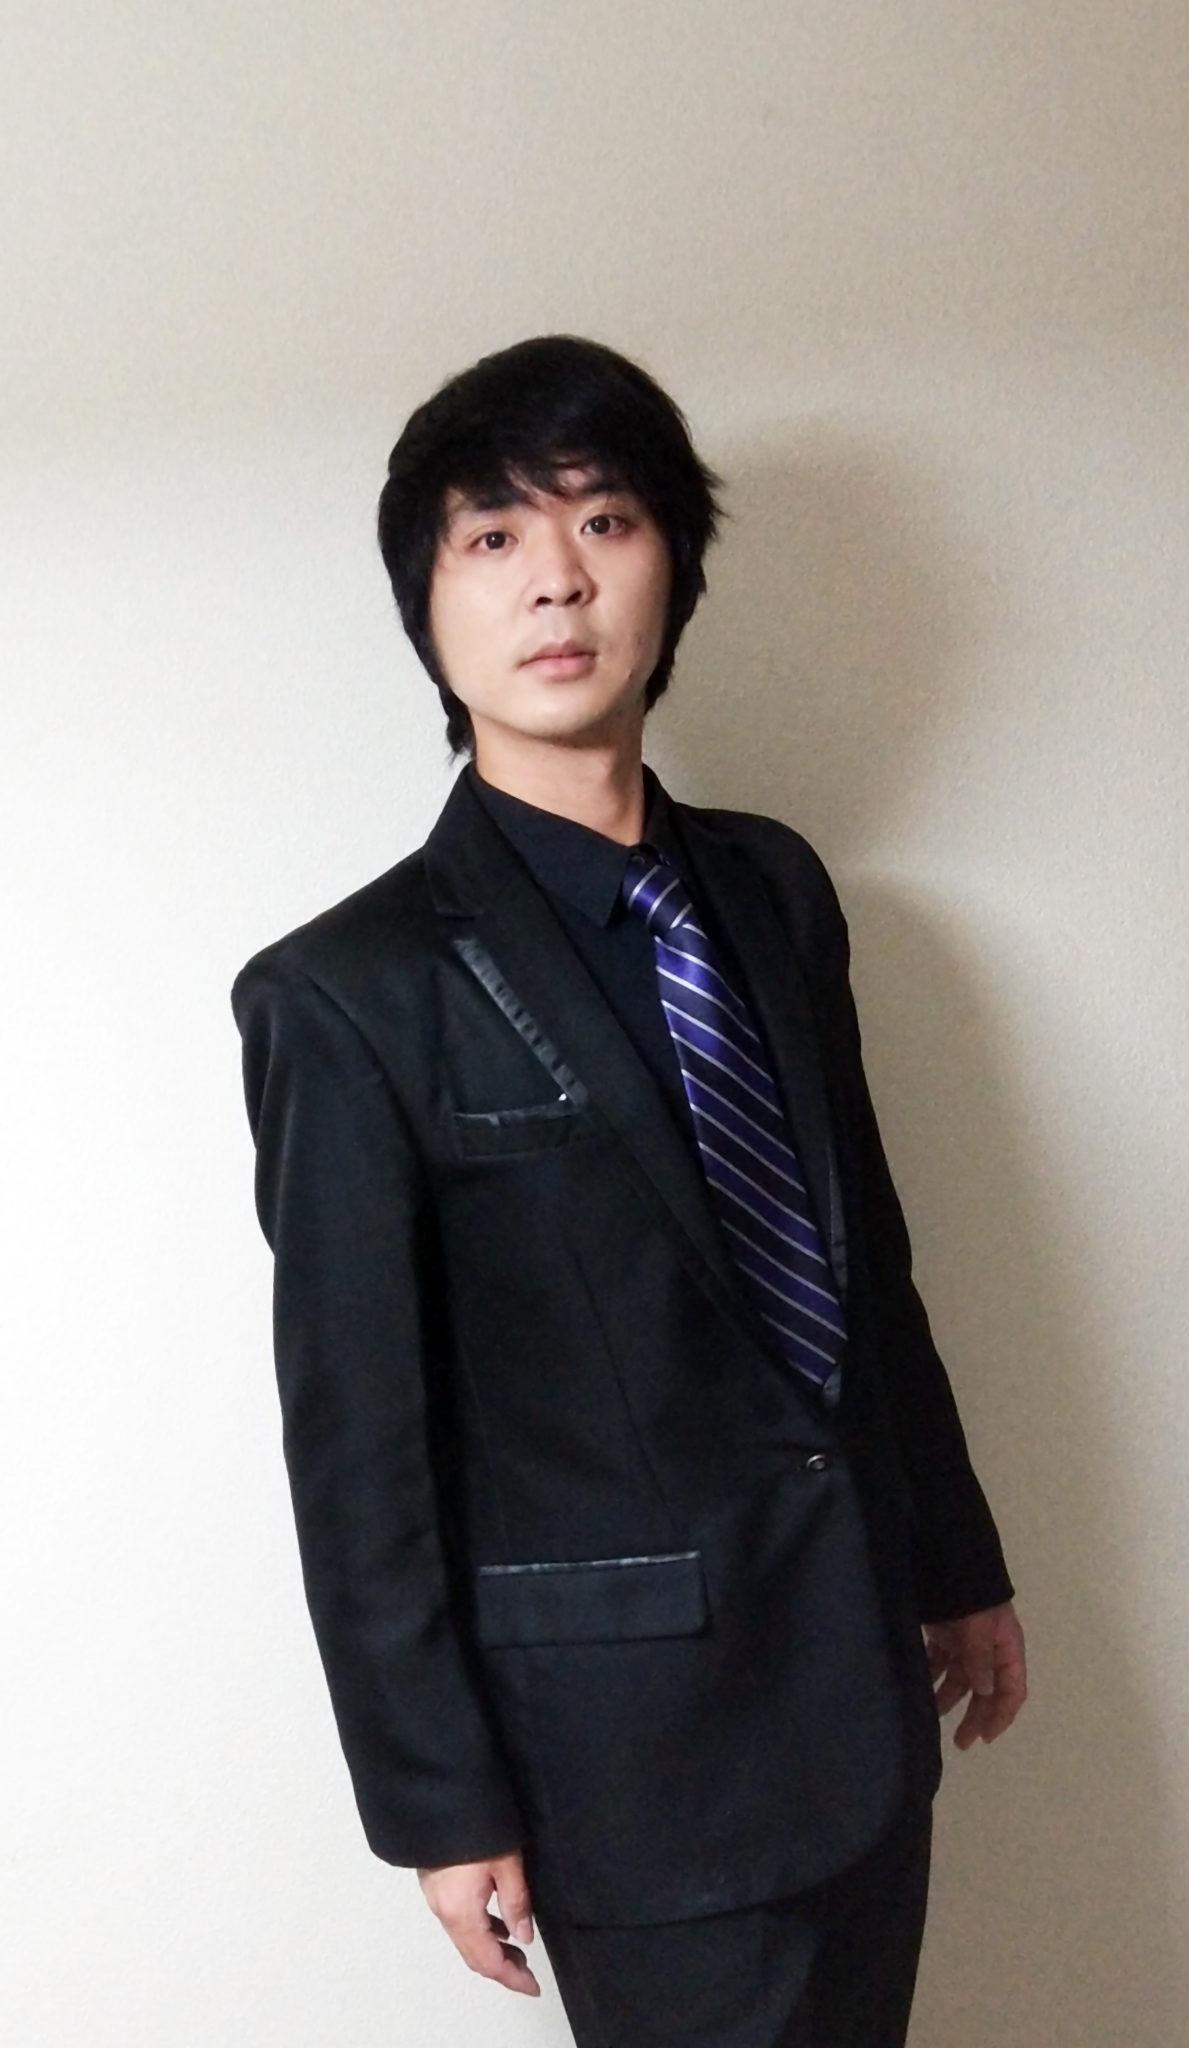 【インタビュー】2019年4月6日(土)小野泰久テノールリサイタル~テノールの名曲と若き作曲家の作品を歌う~